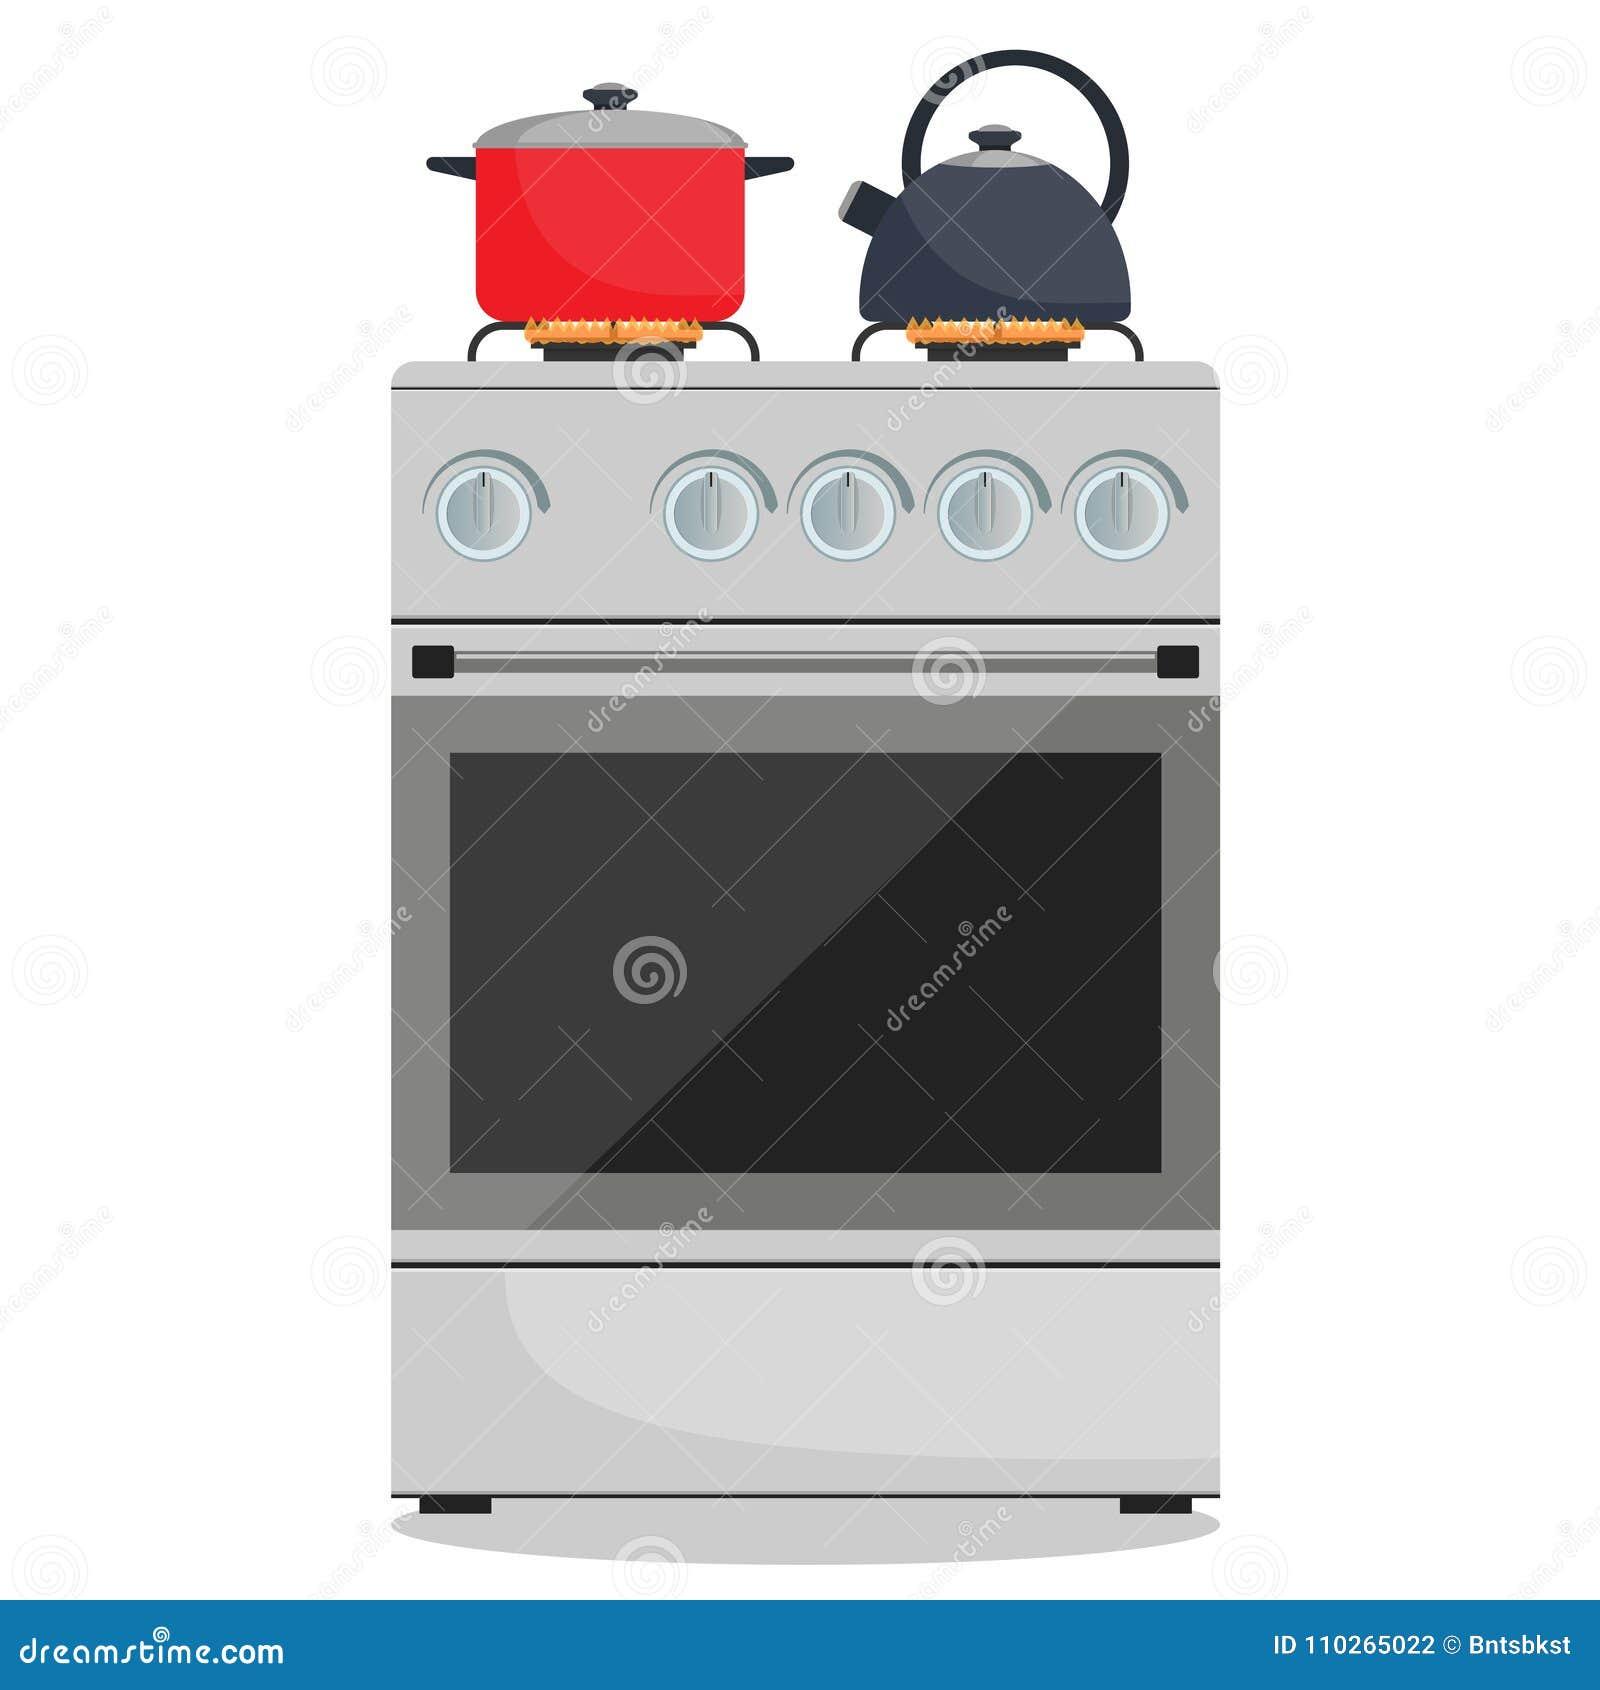 Estufa de cocina ilustraciones stock vectores y clipart for Comida sin estufa